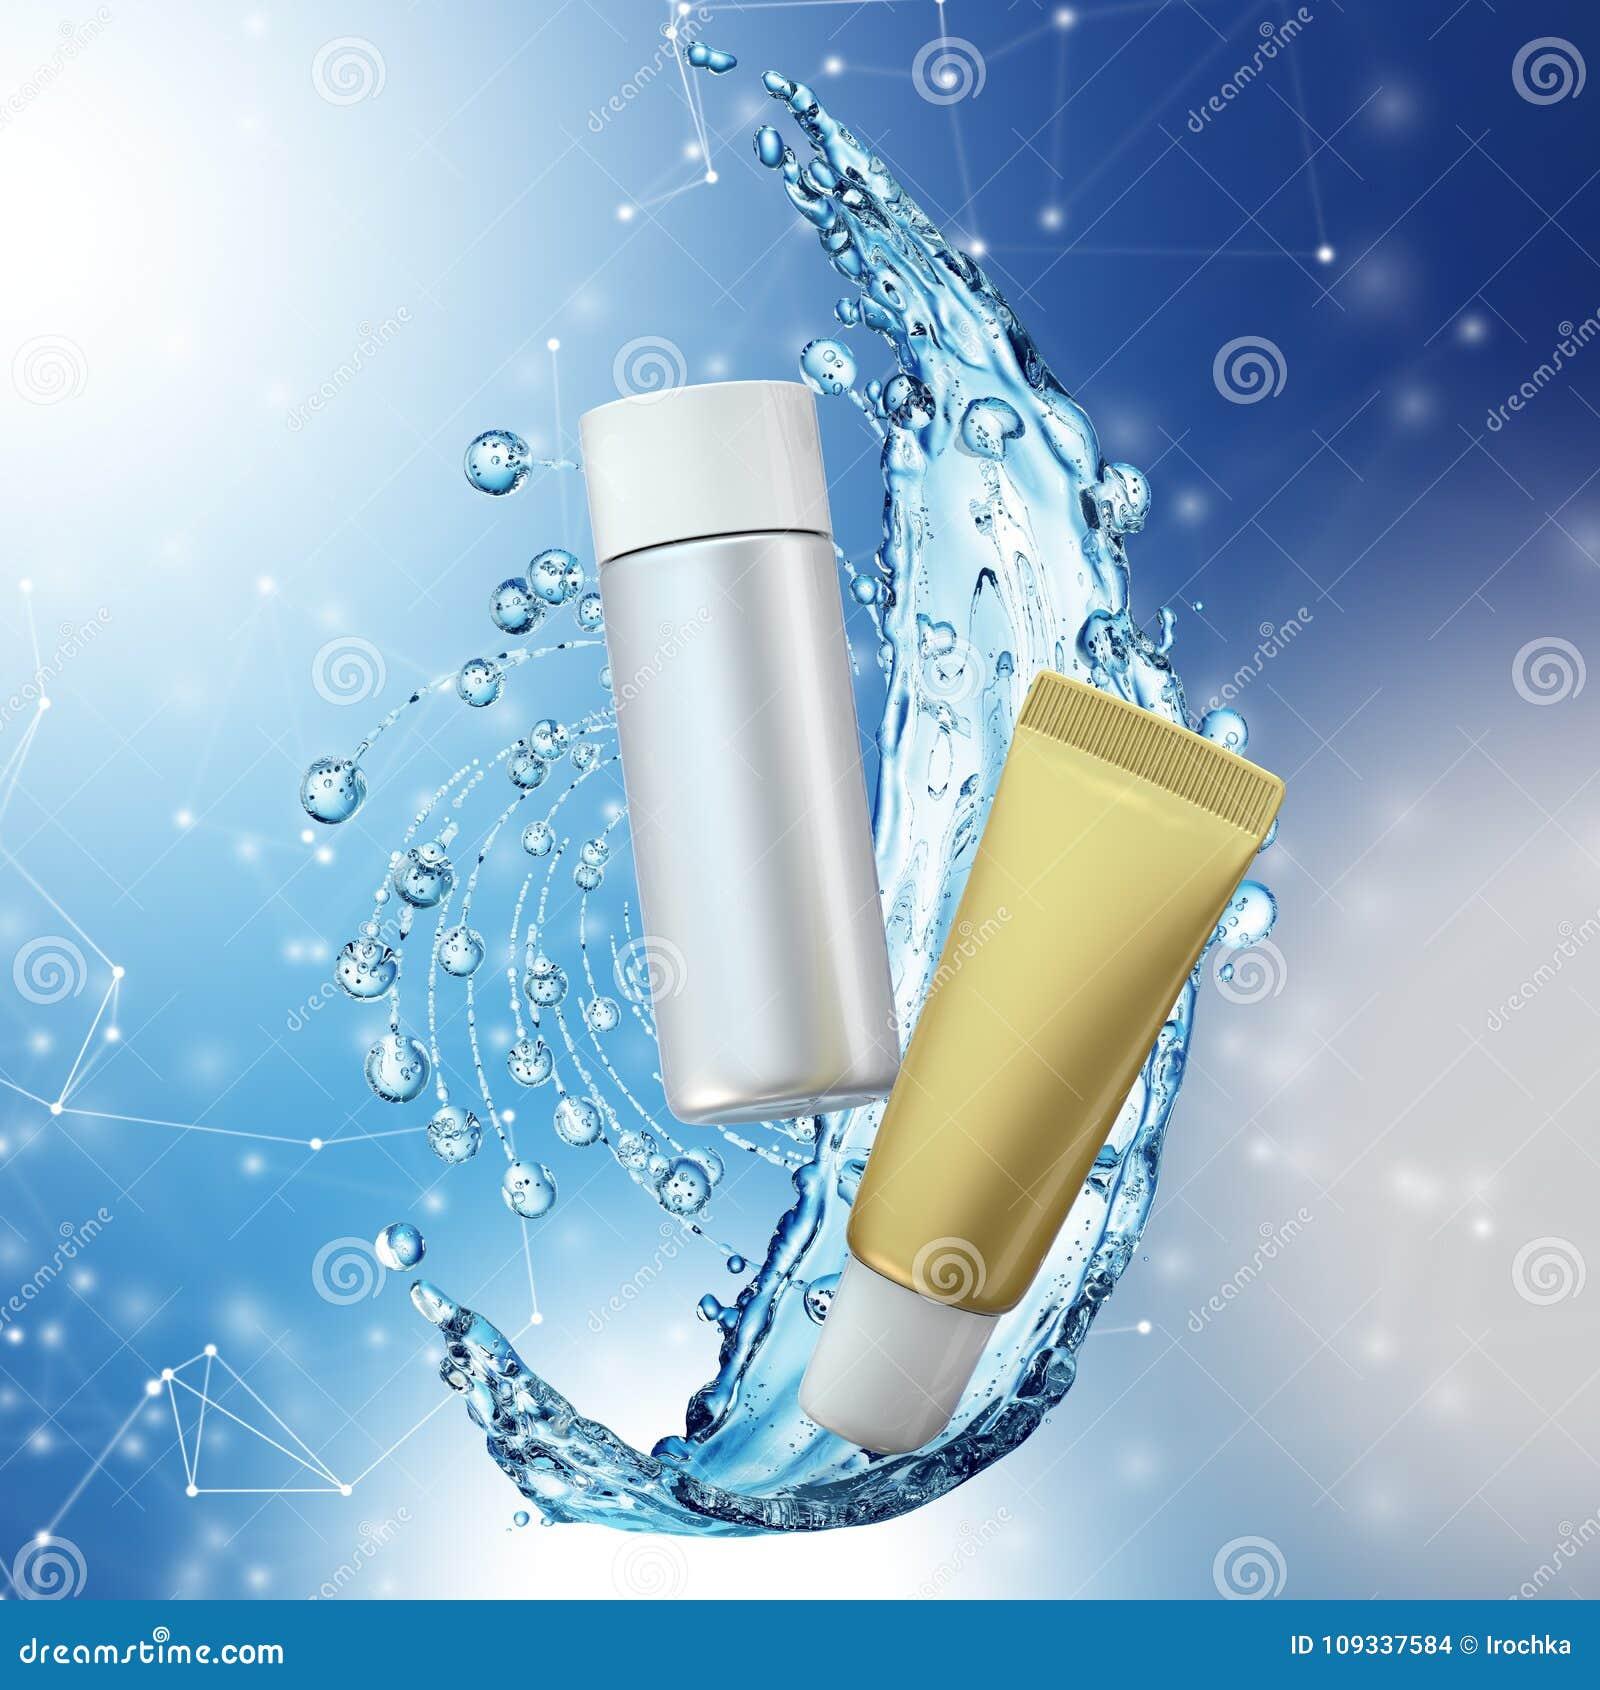 Cream bottle mock up in water splash on blue bokeh background.